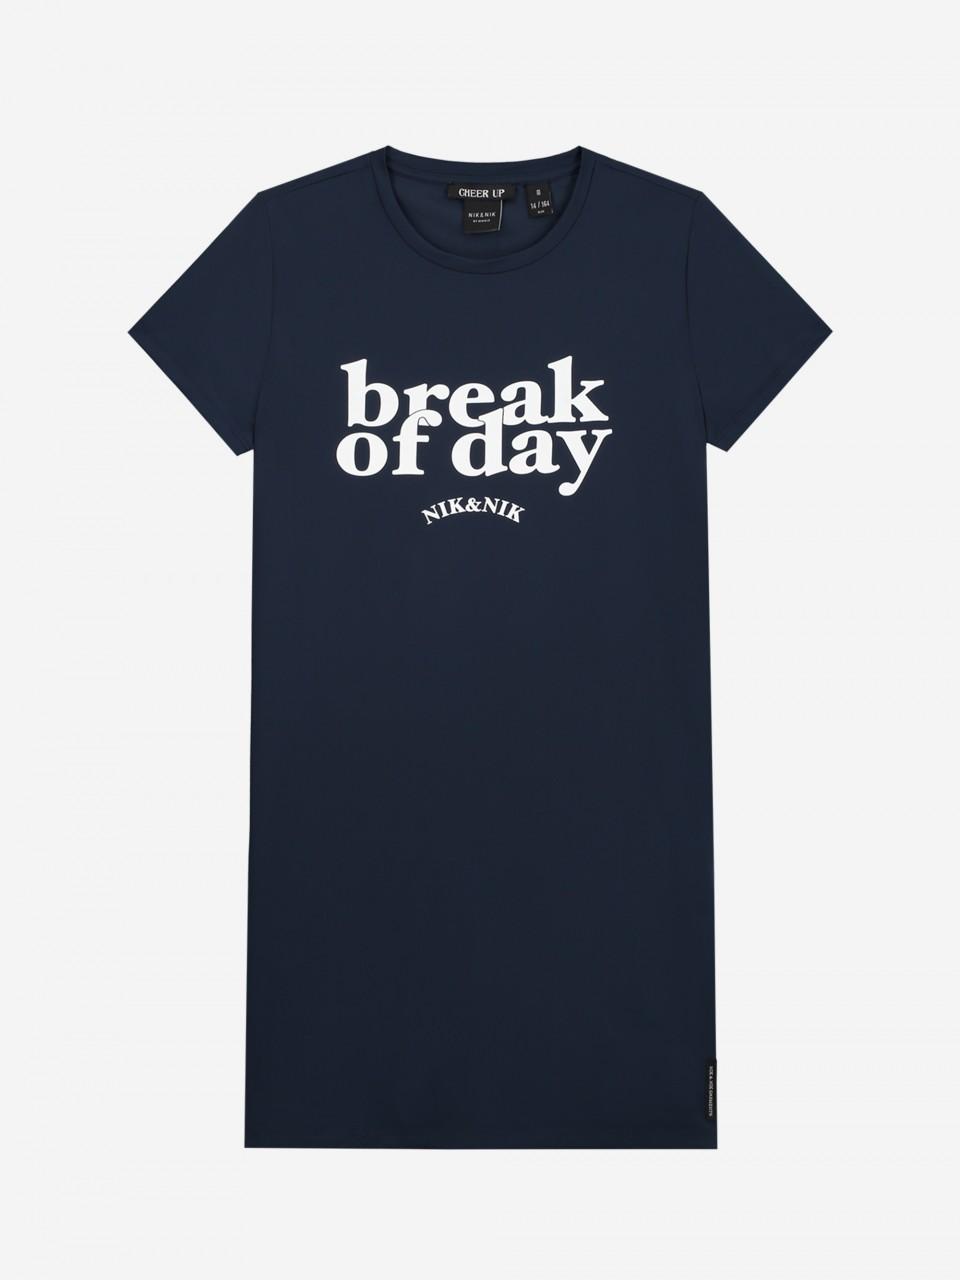 NIK&NIK T-SHIRT DRESS MET NIK&NIK-ARTWORK BREAK DRESS Sale